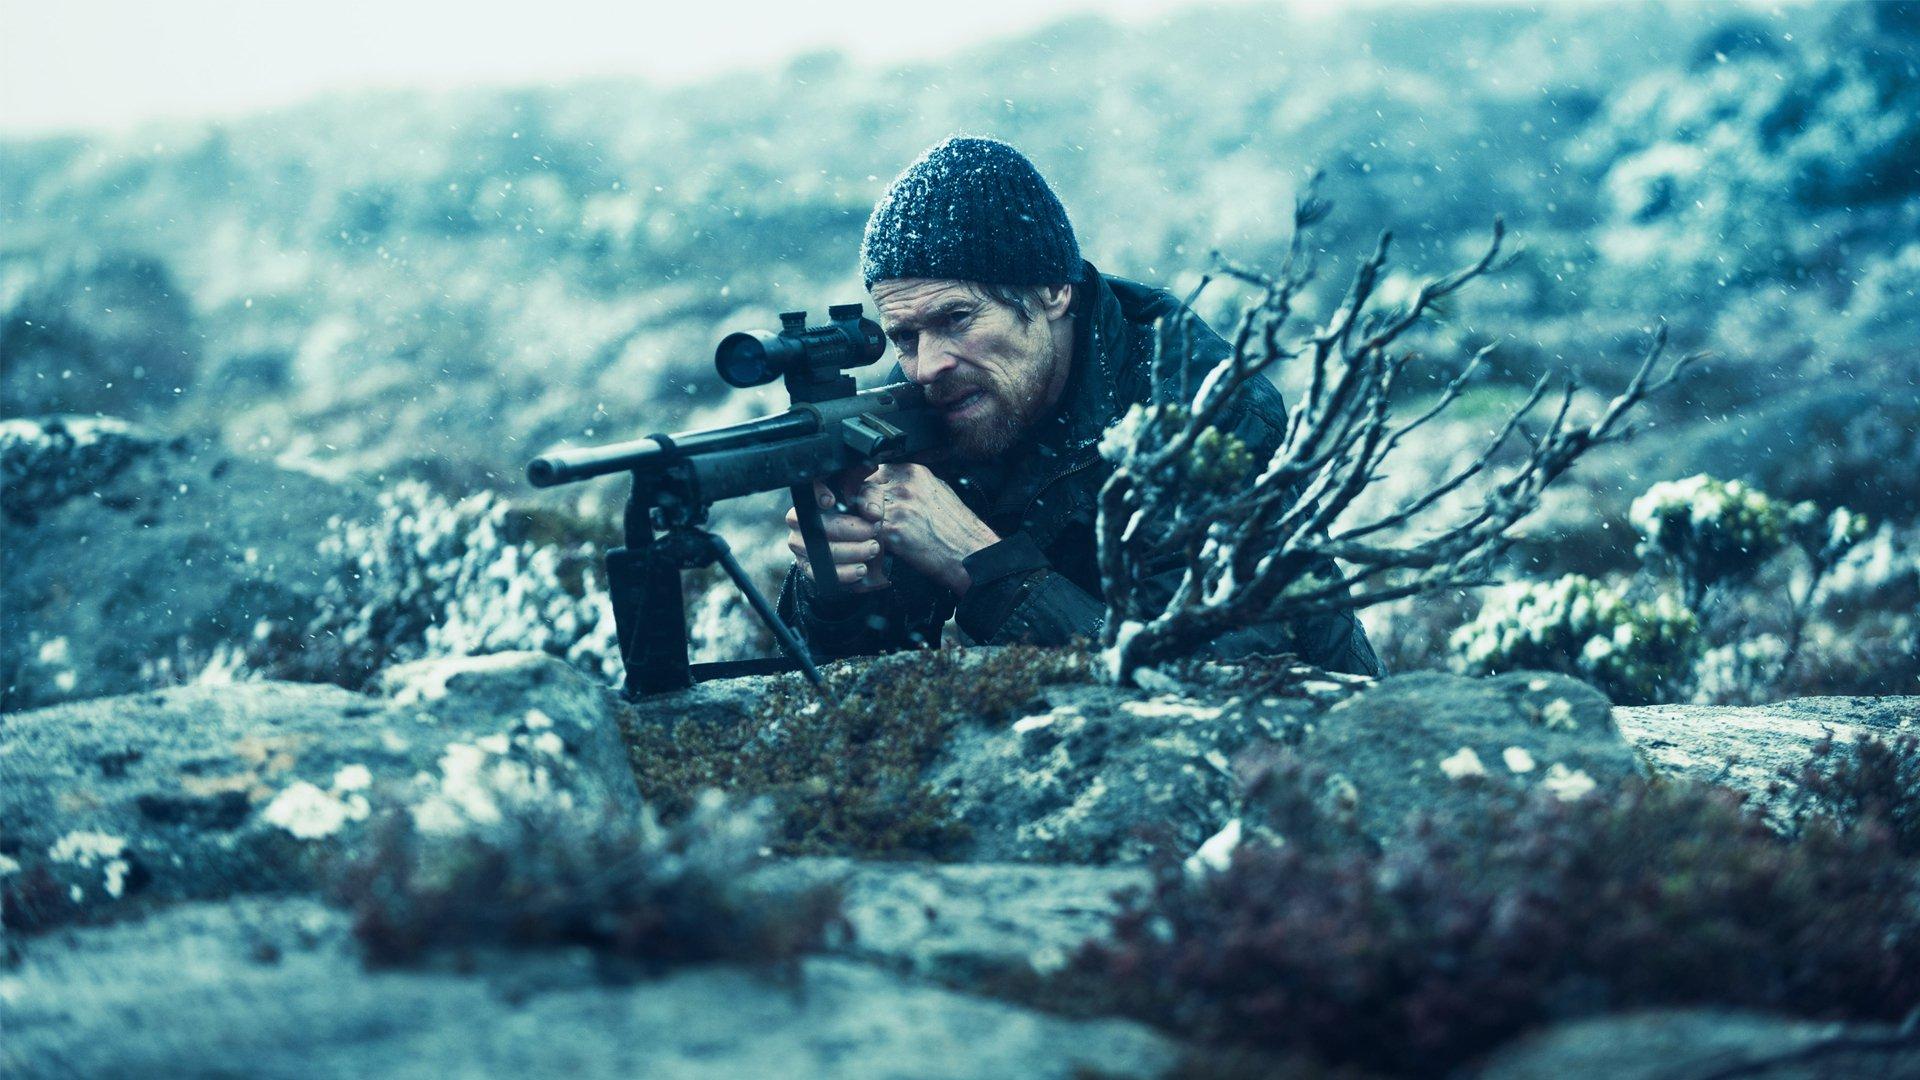 Охотник смотреть фото